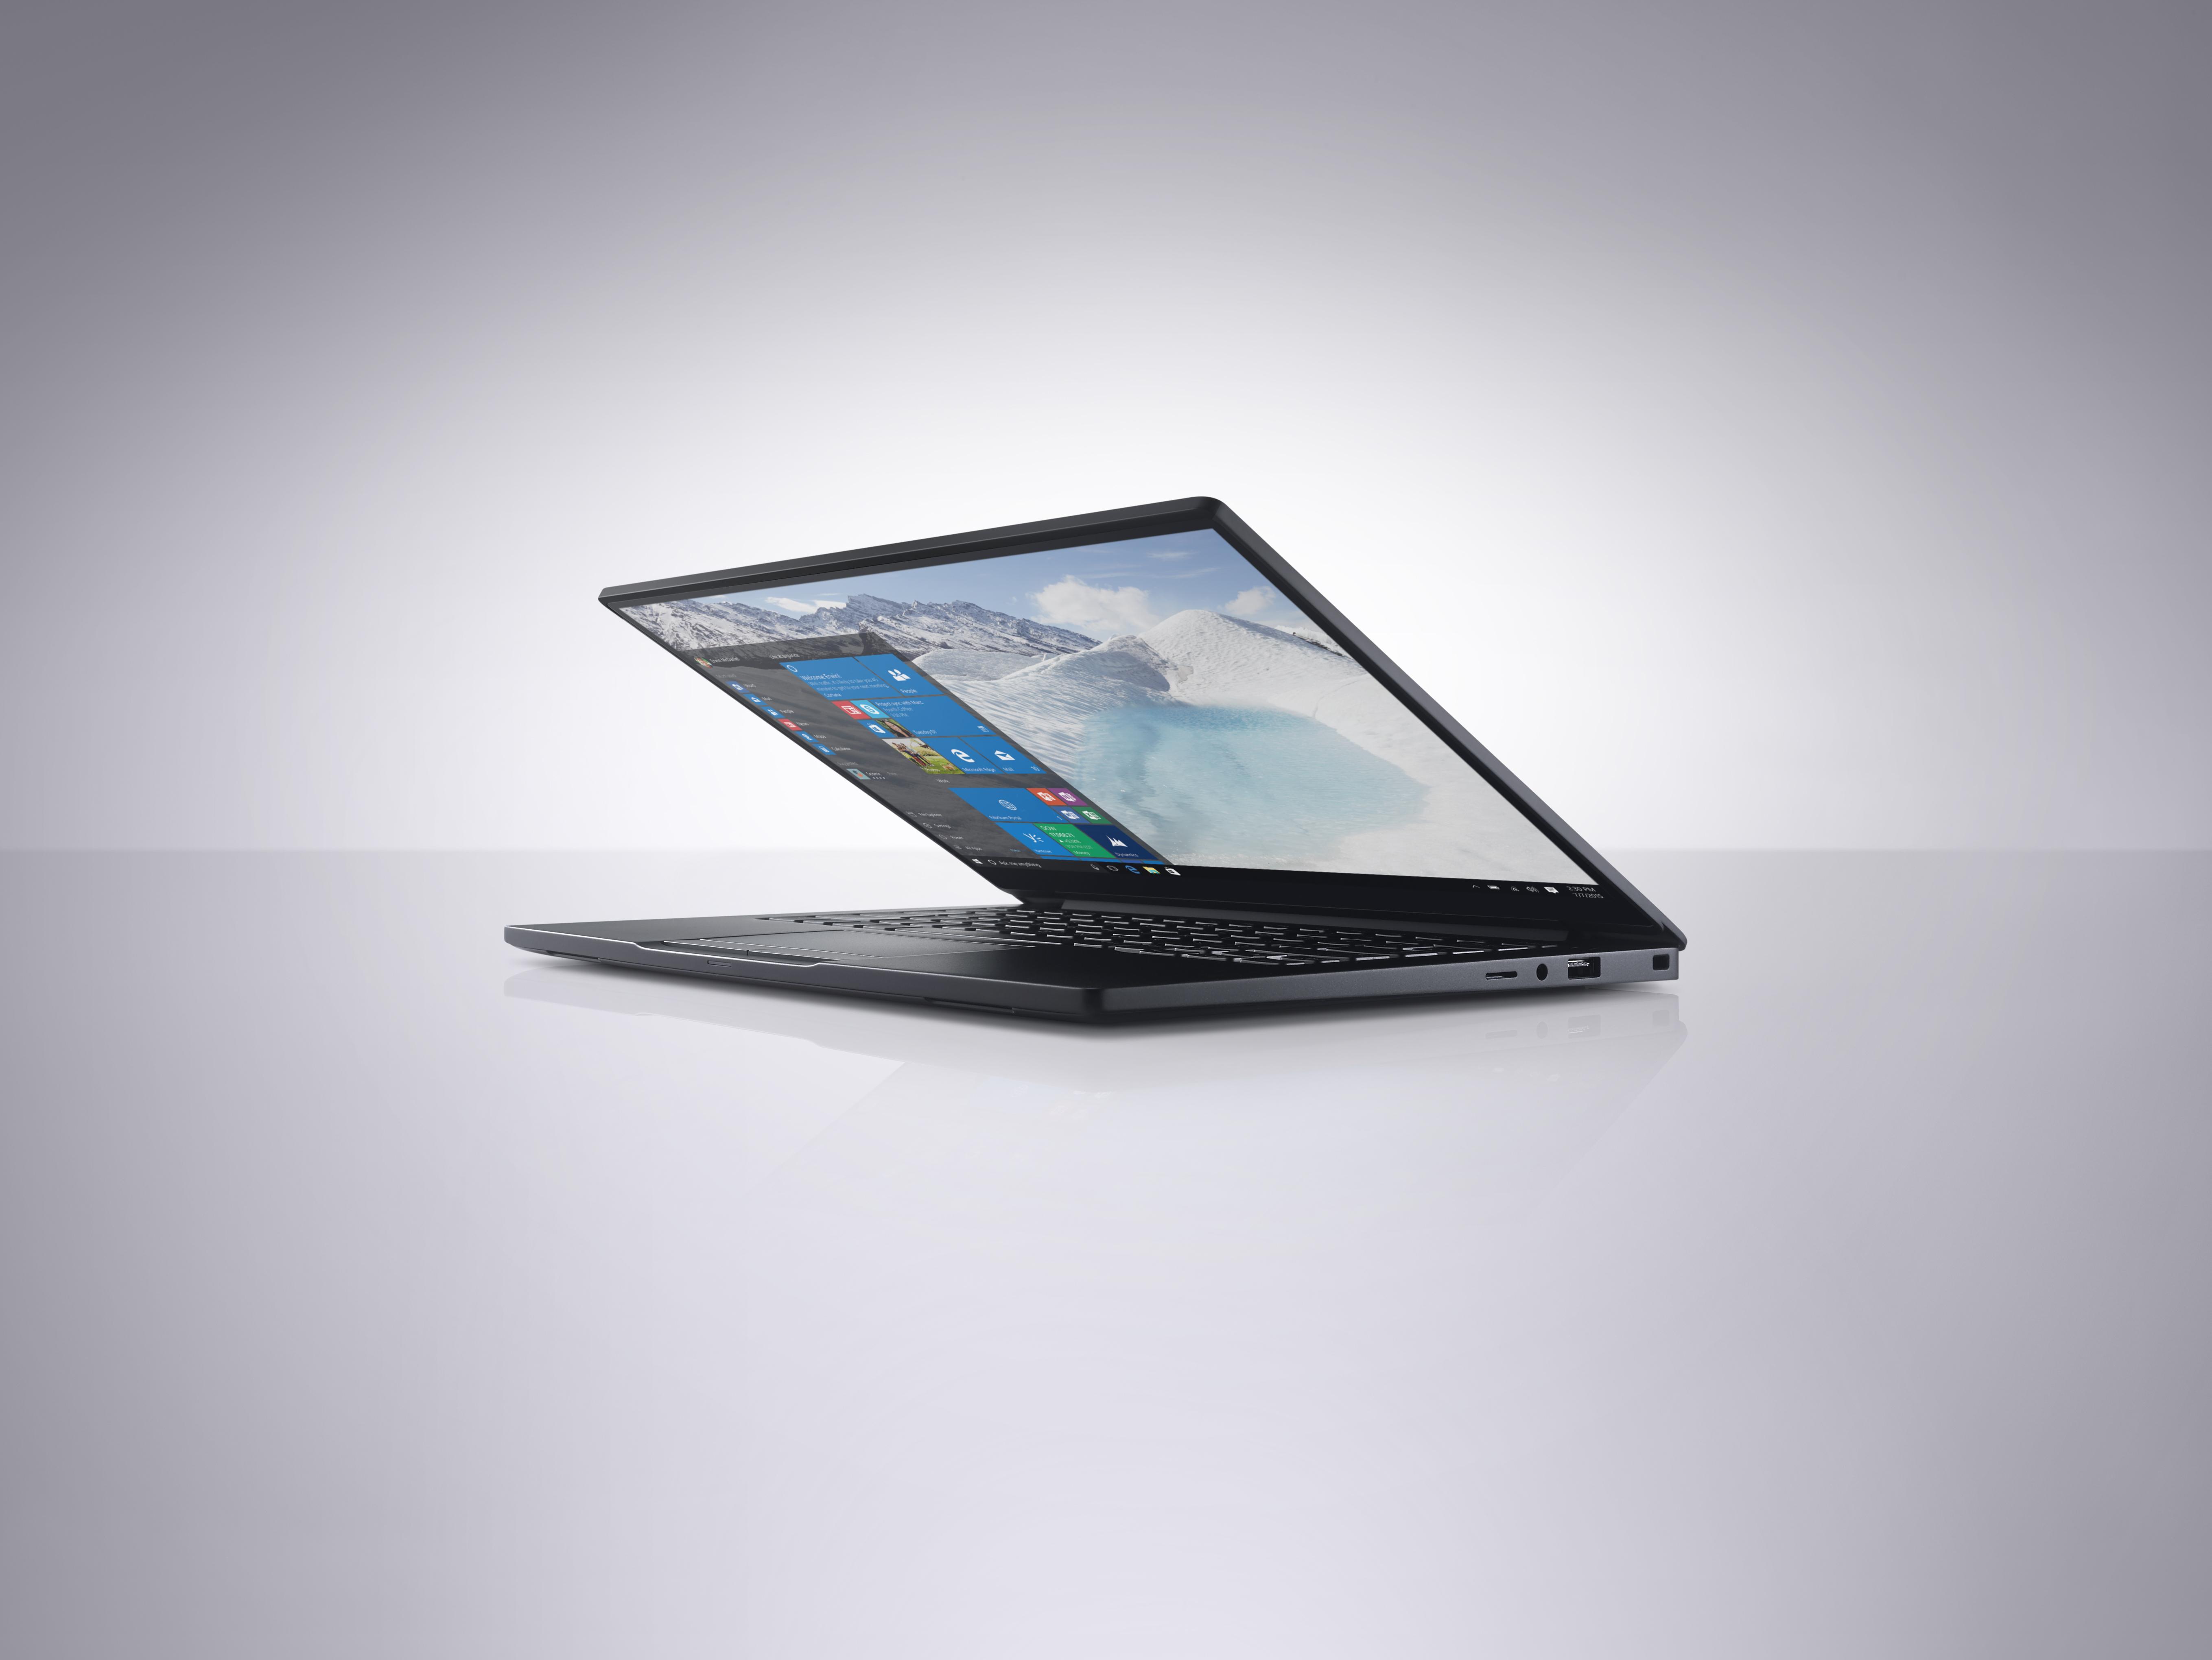 The Dell Latitude 13 7000 Series Ultrabook.